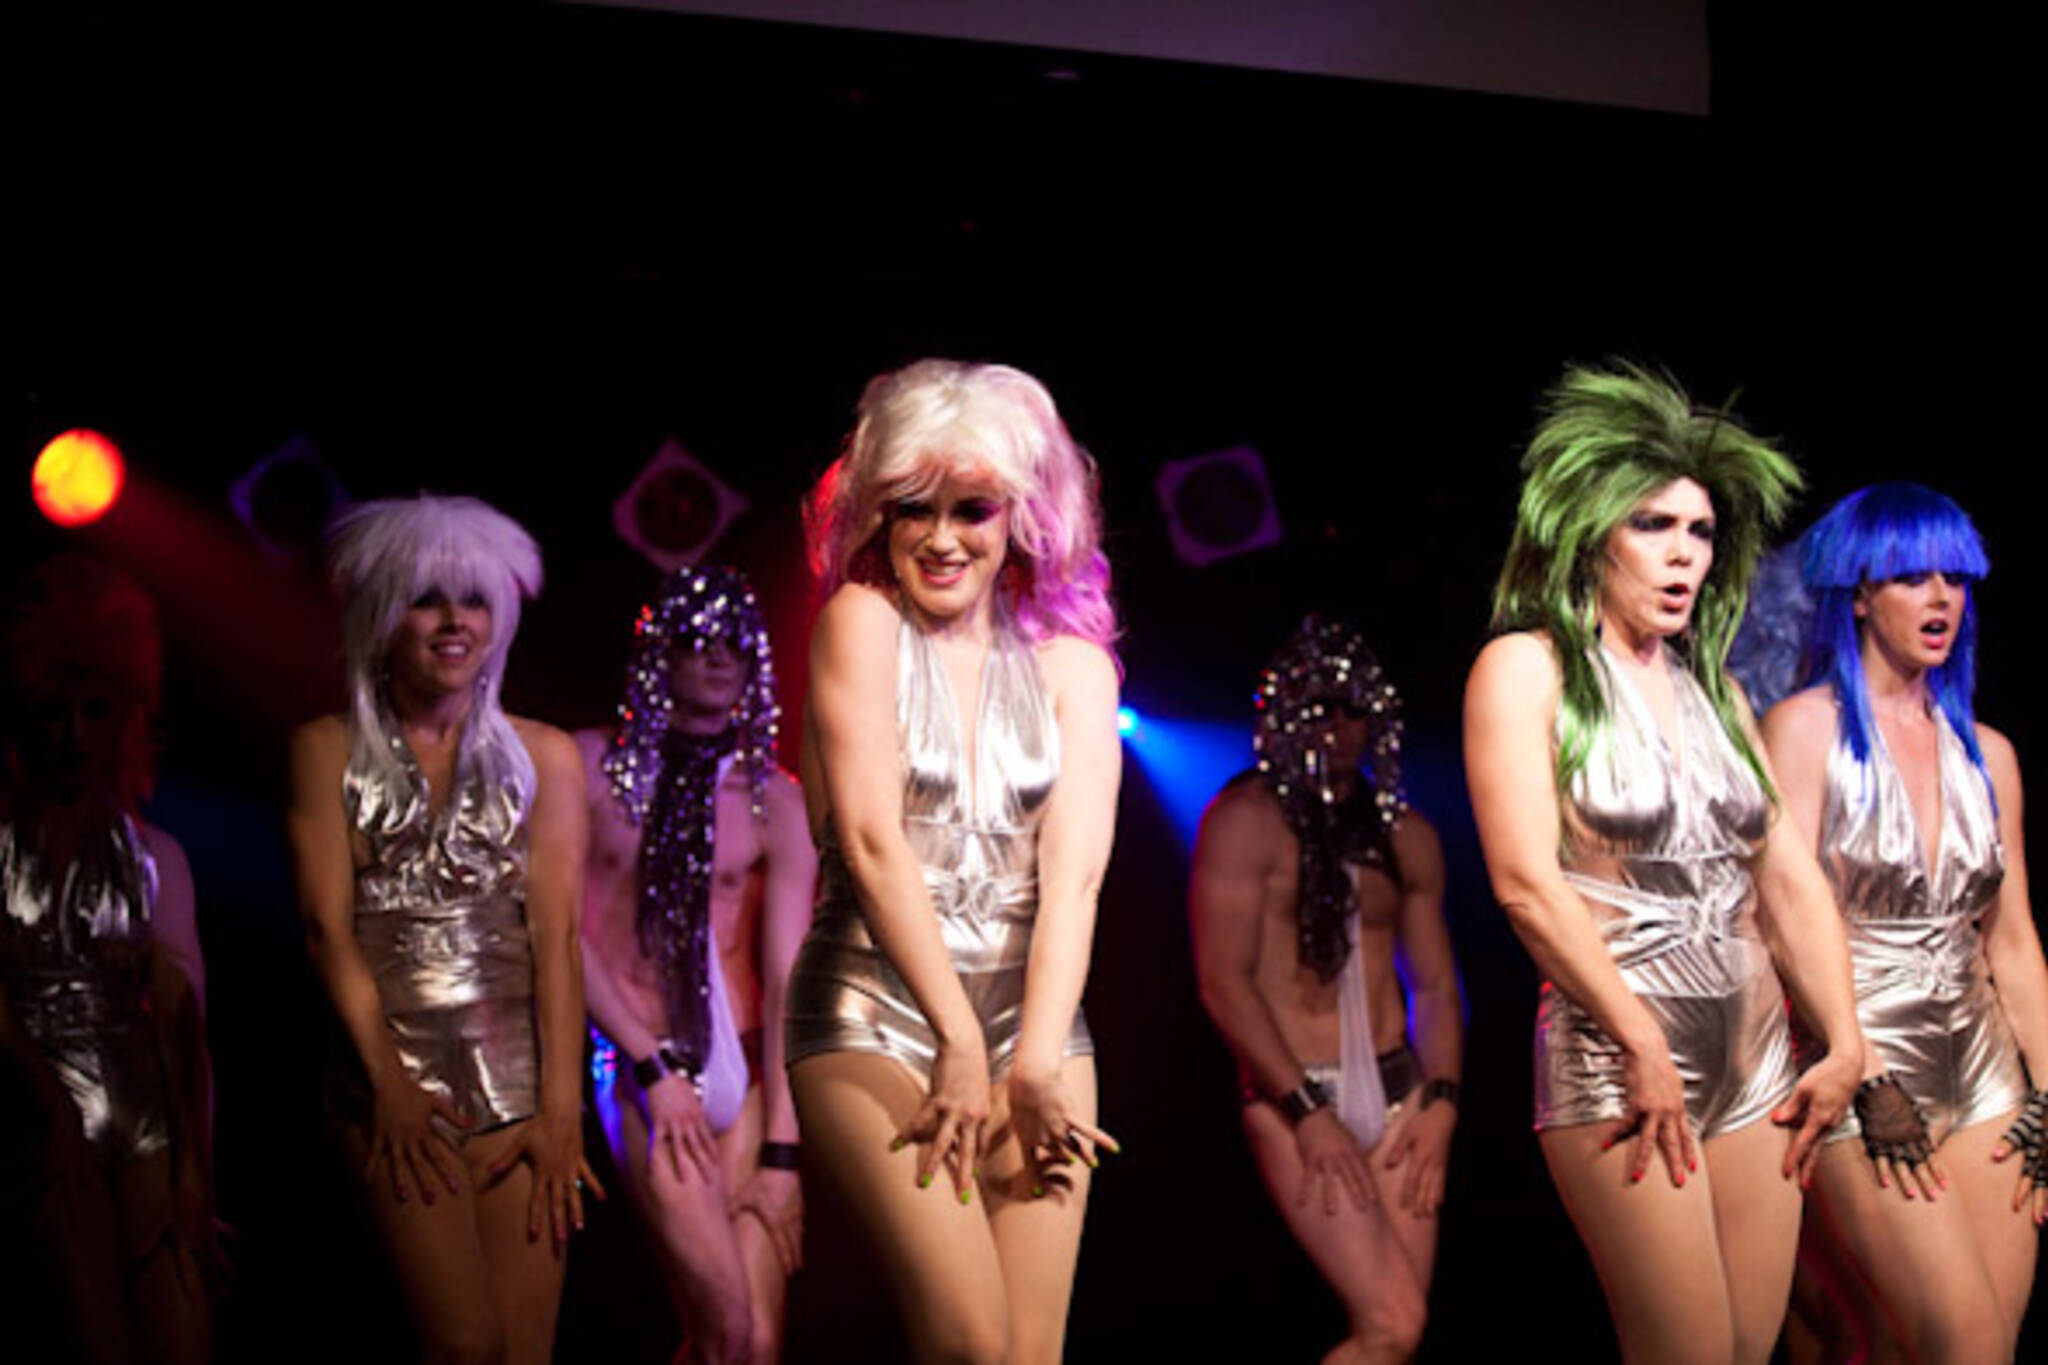 Les Coquettes Burlesque